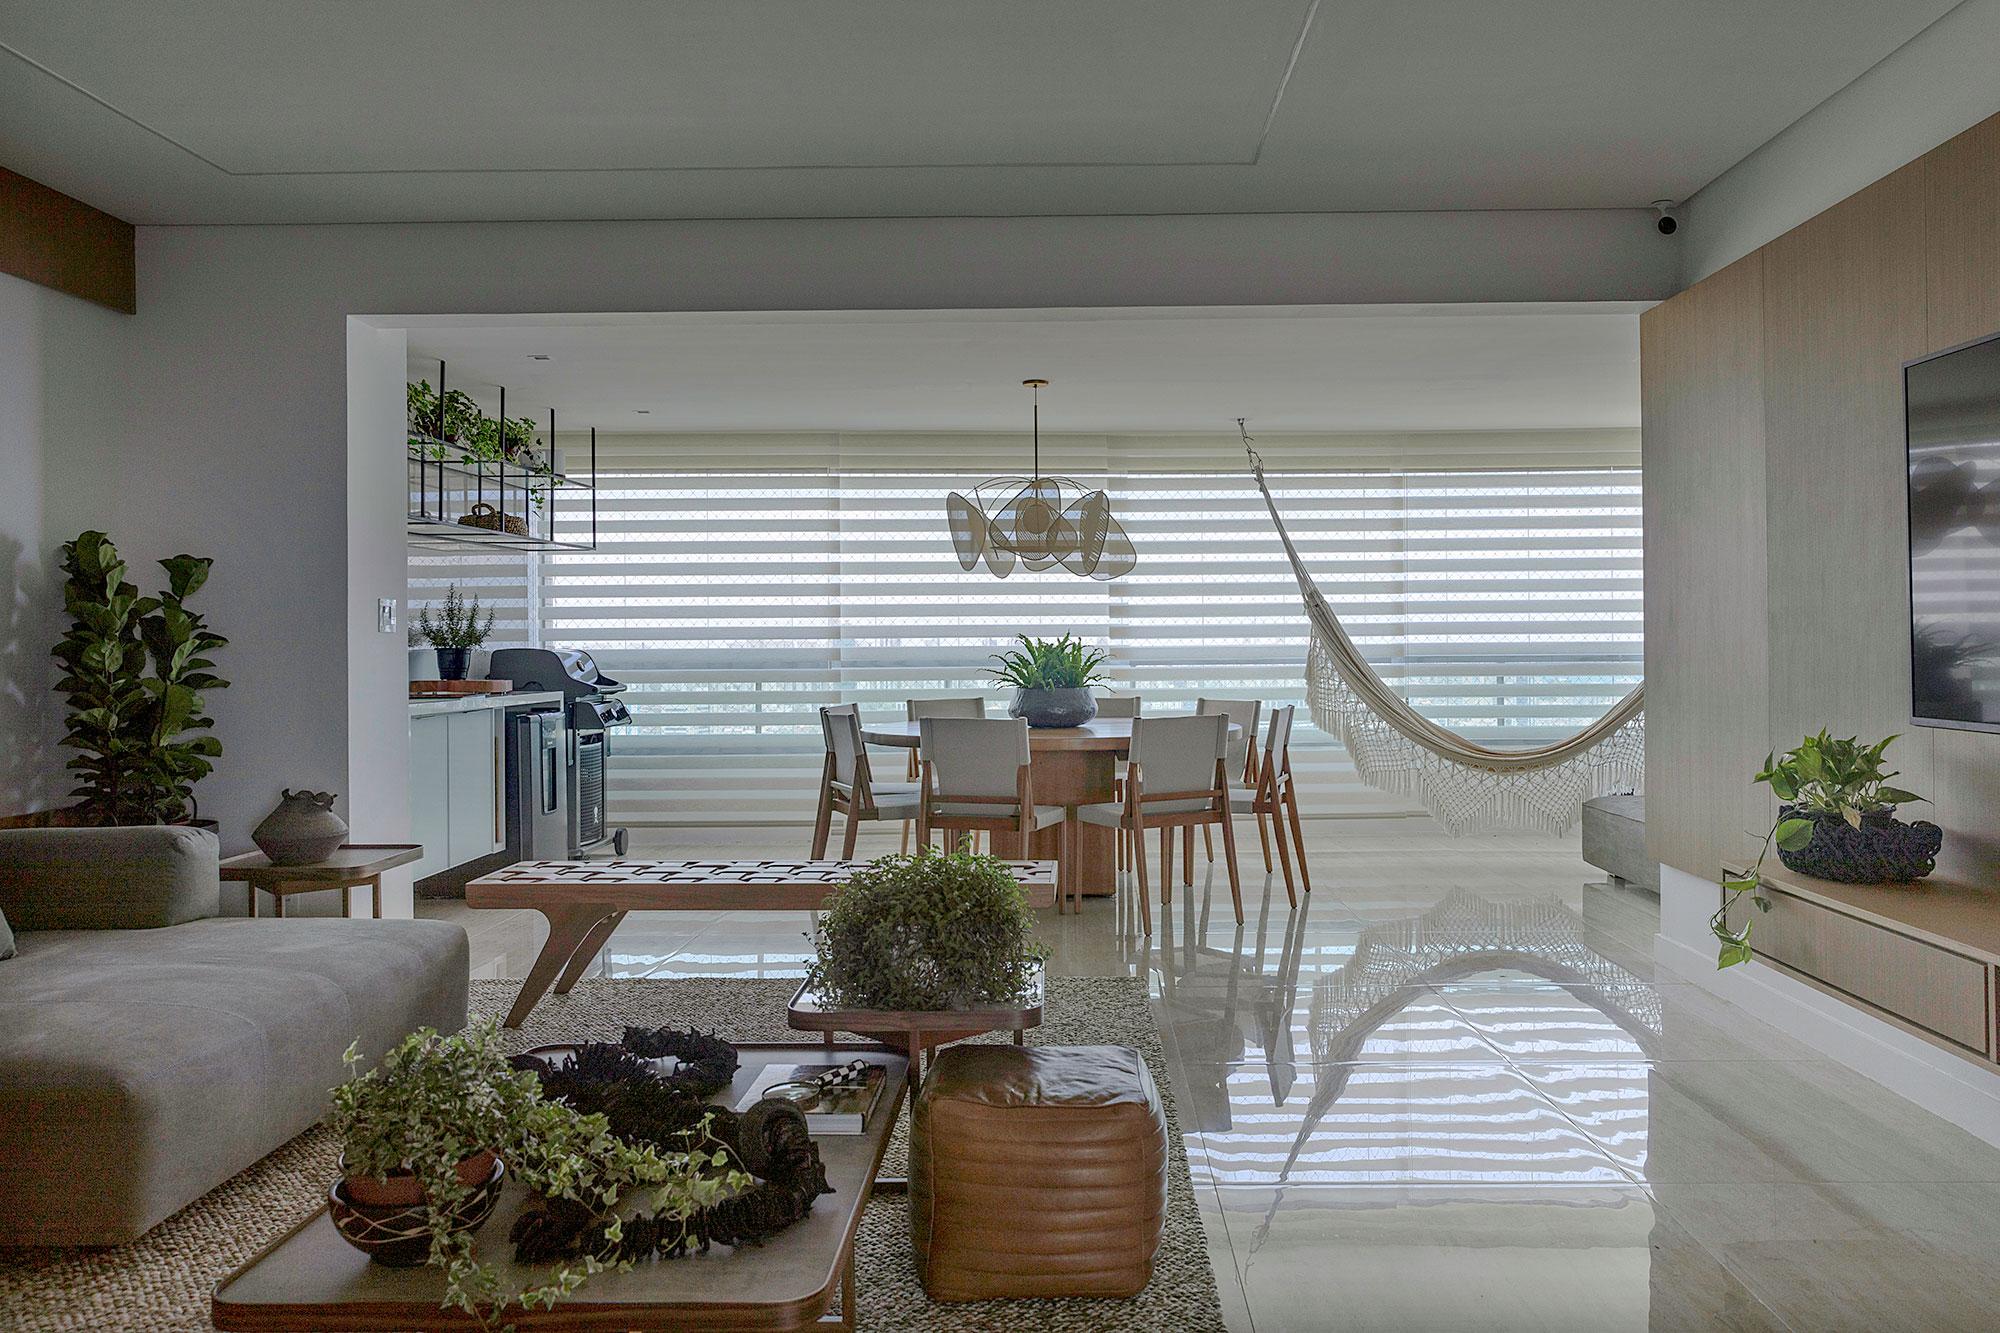 apartamento bambu jessica araújo casacor clean decoração interiores casa rede vista